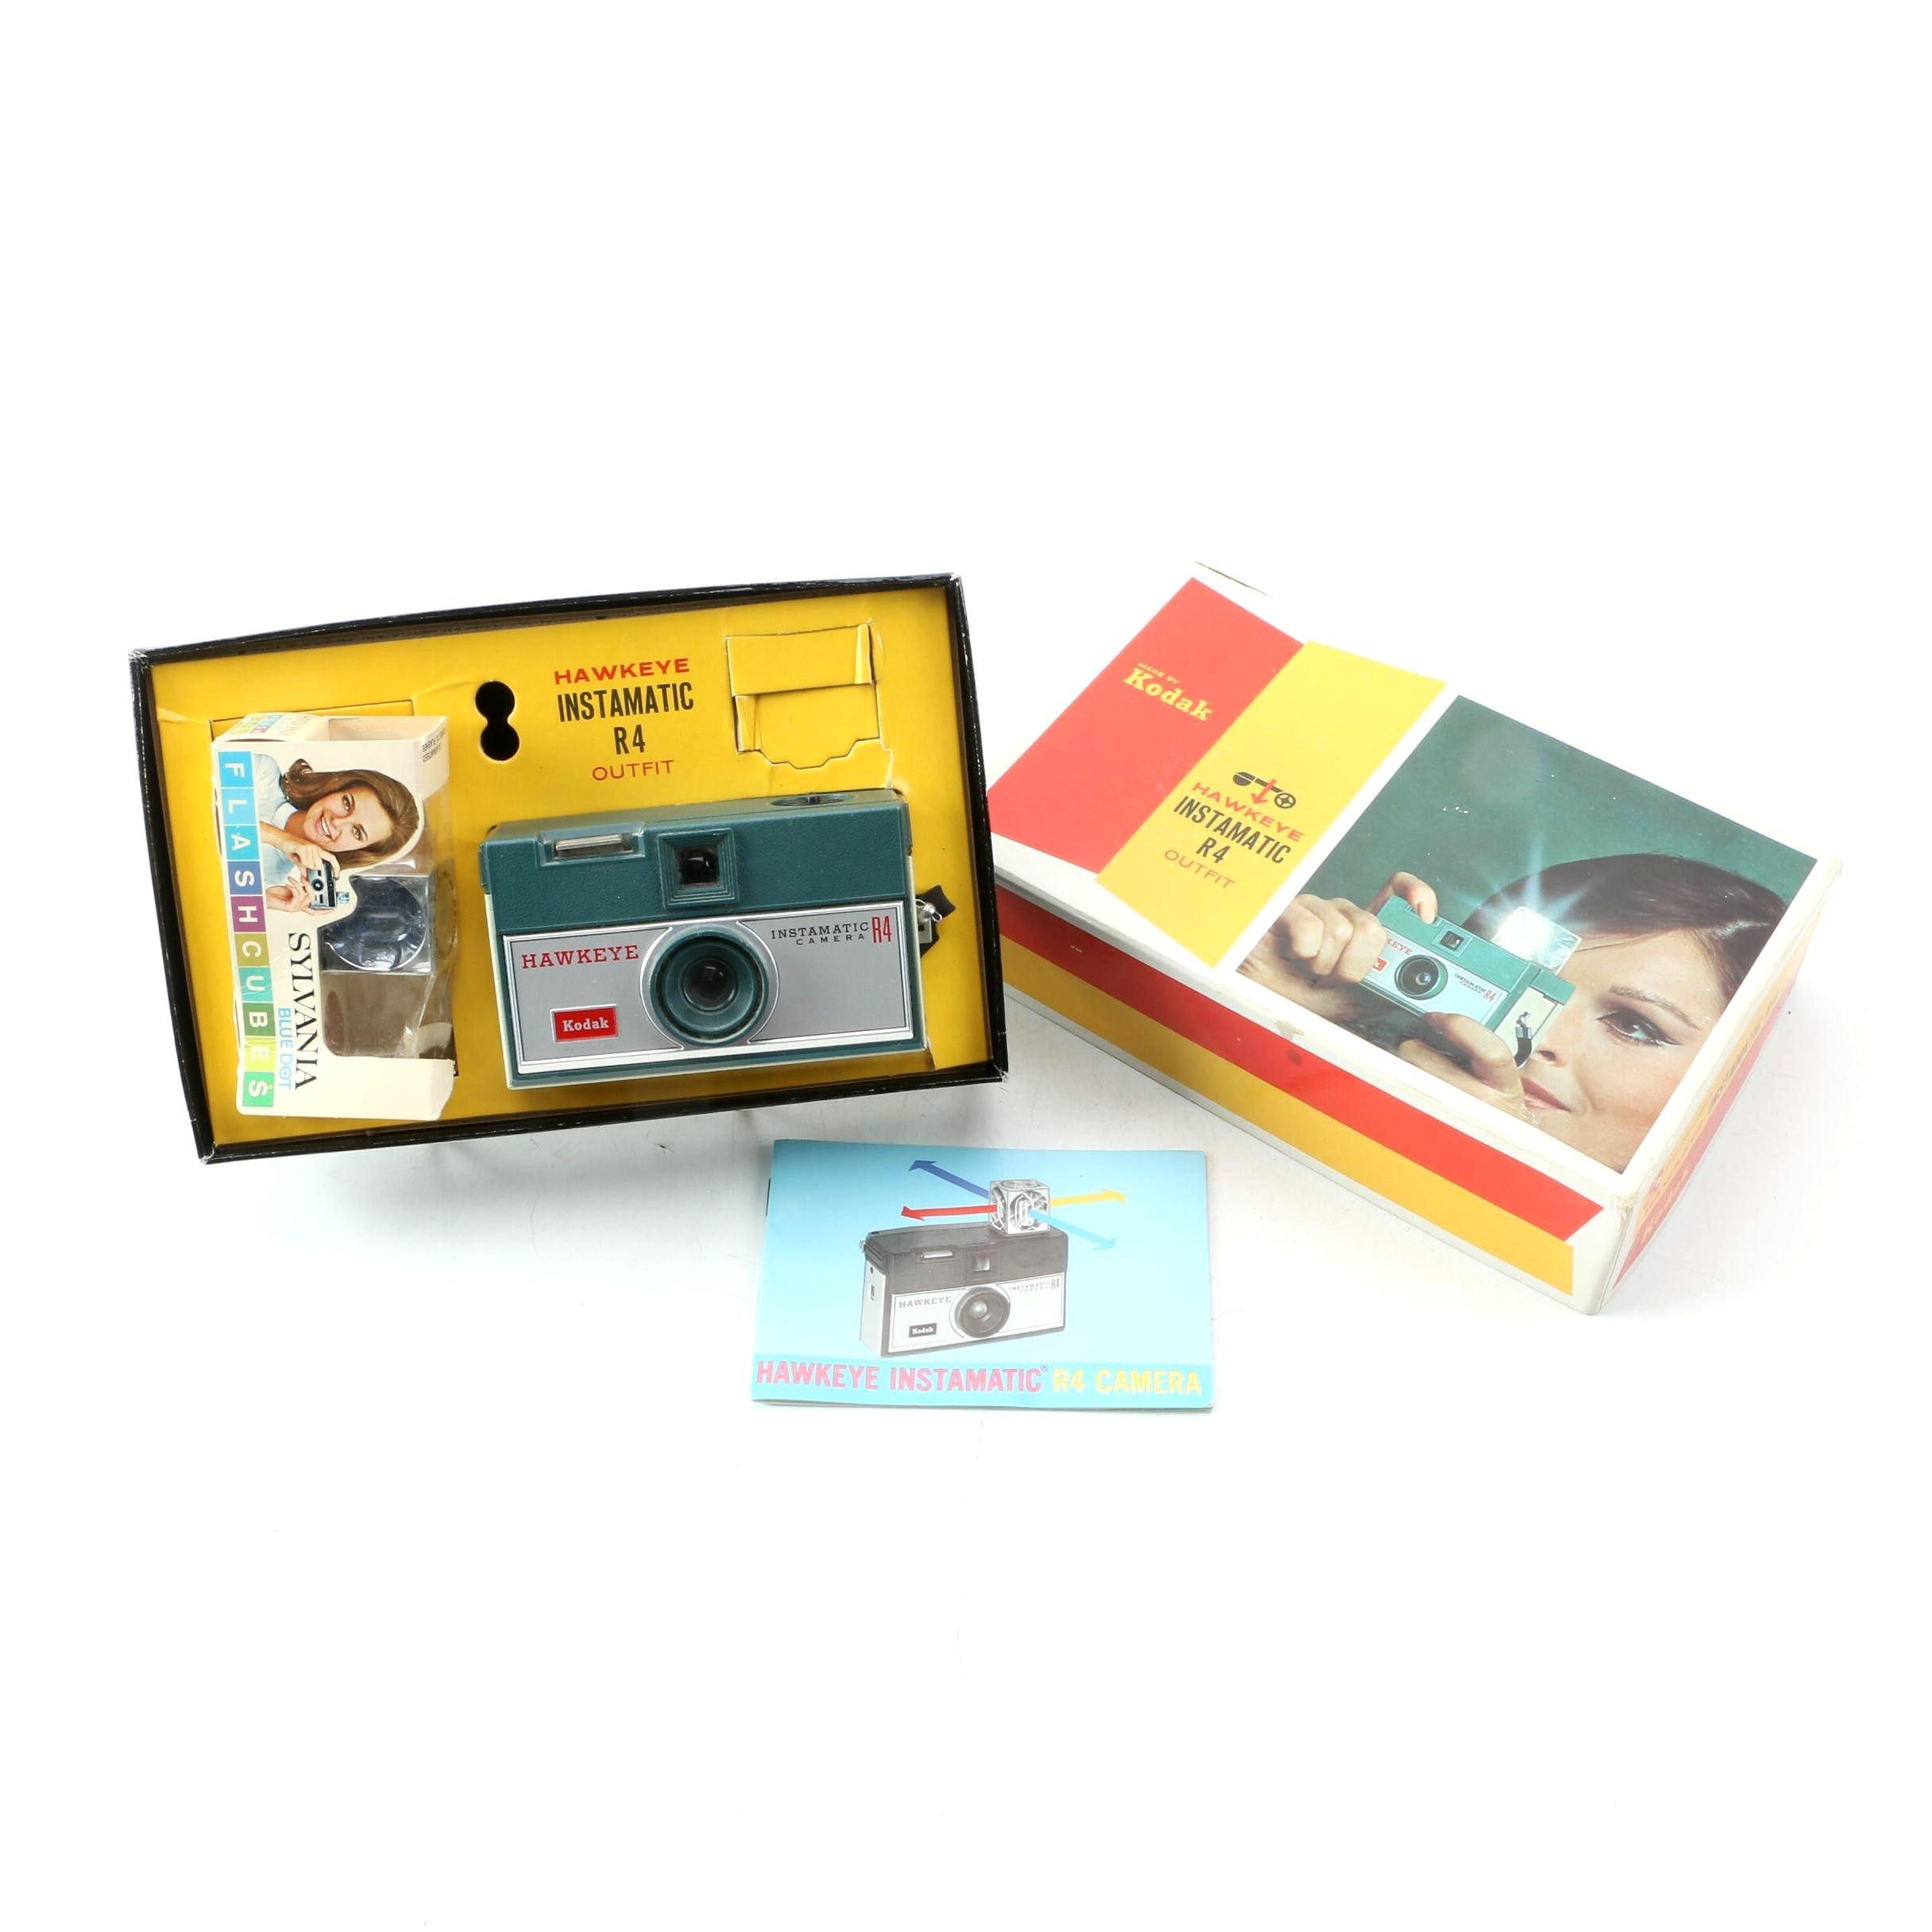 Kodak Hawkeye Instamatic R4 Camera Outfit